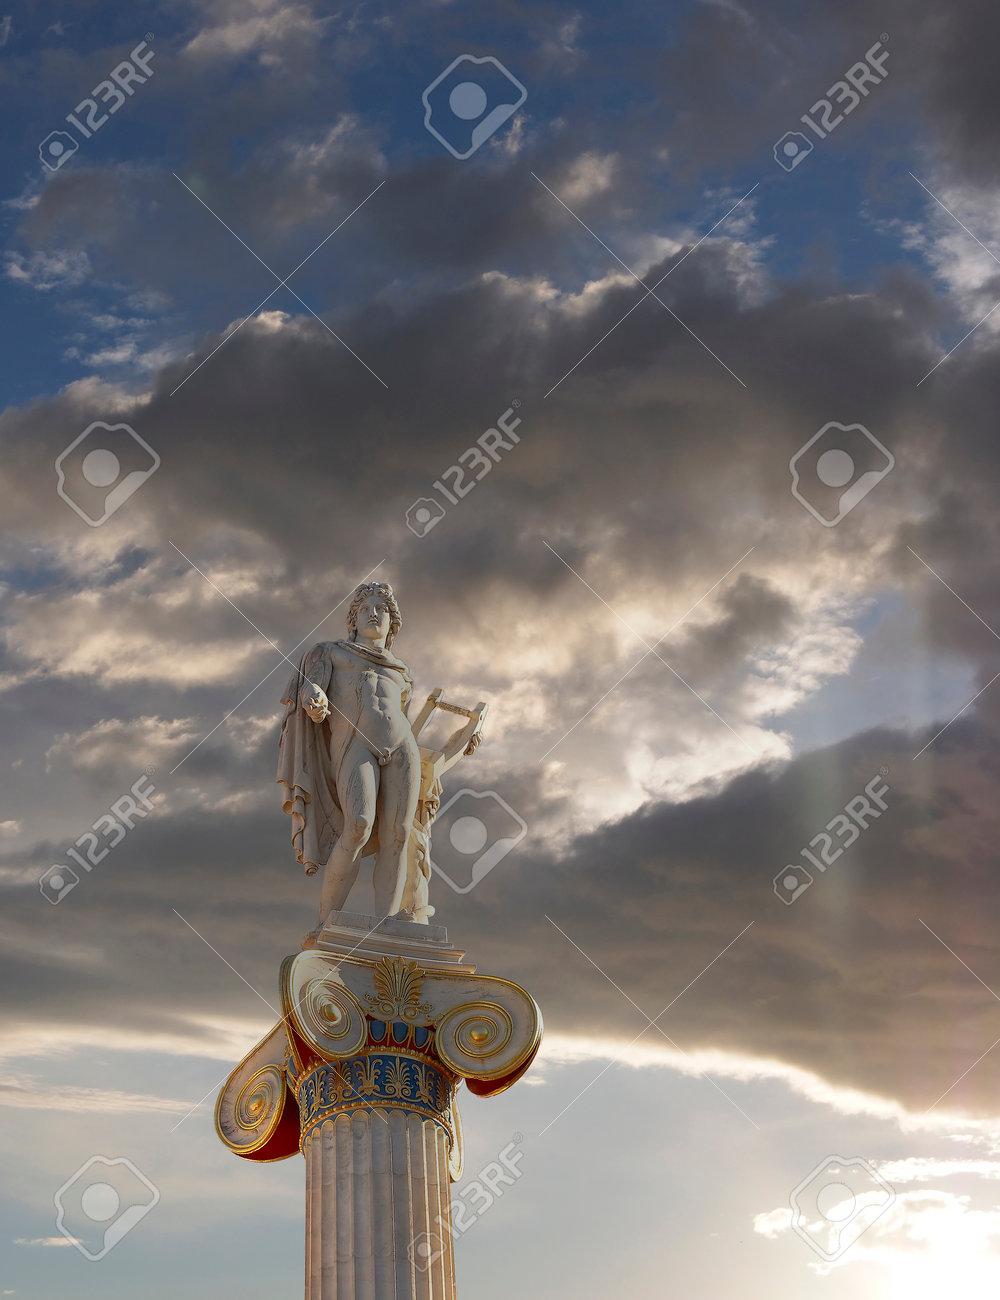 Le Lever Du Soleil à Athènes En Grèce Apollo Statue Le Dieu De La Poésie Et De La Musique